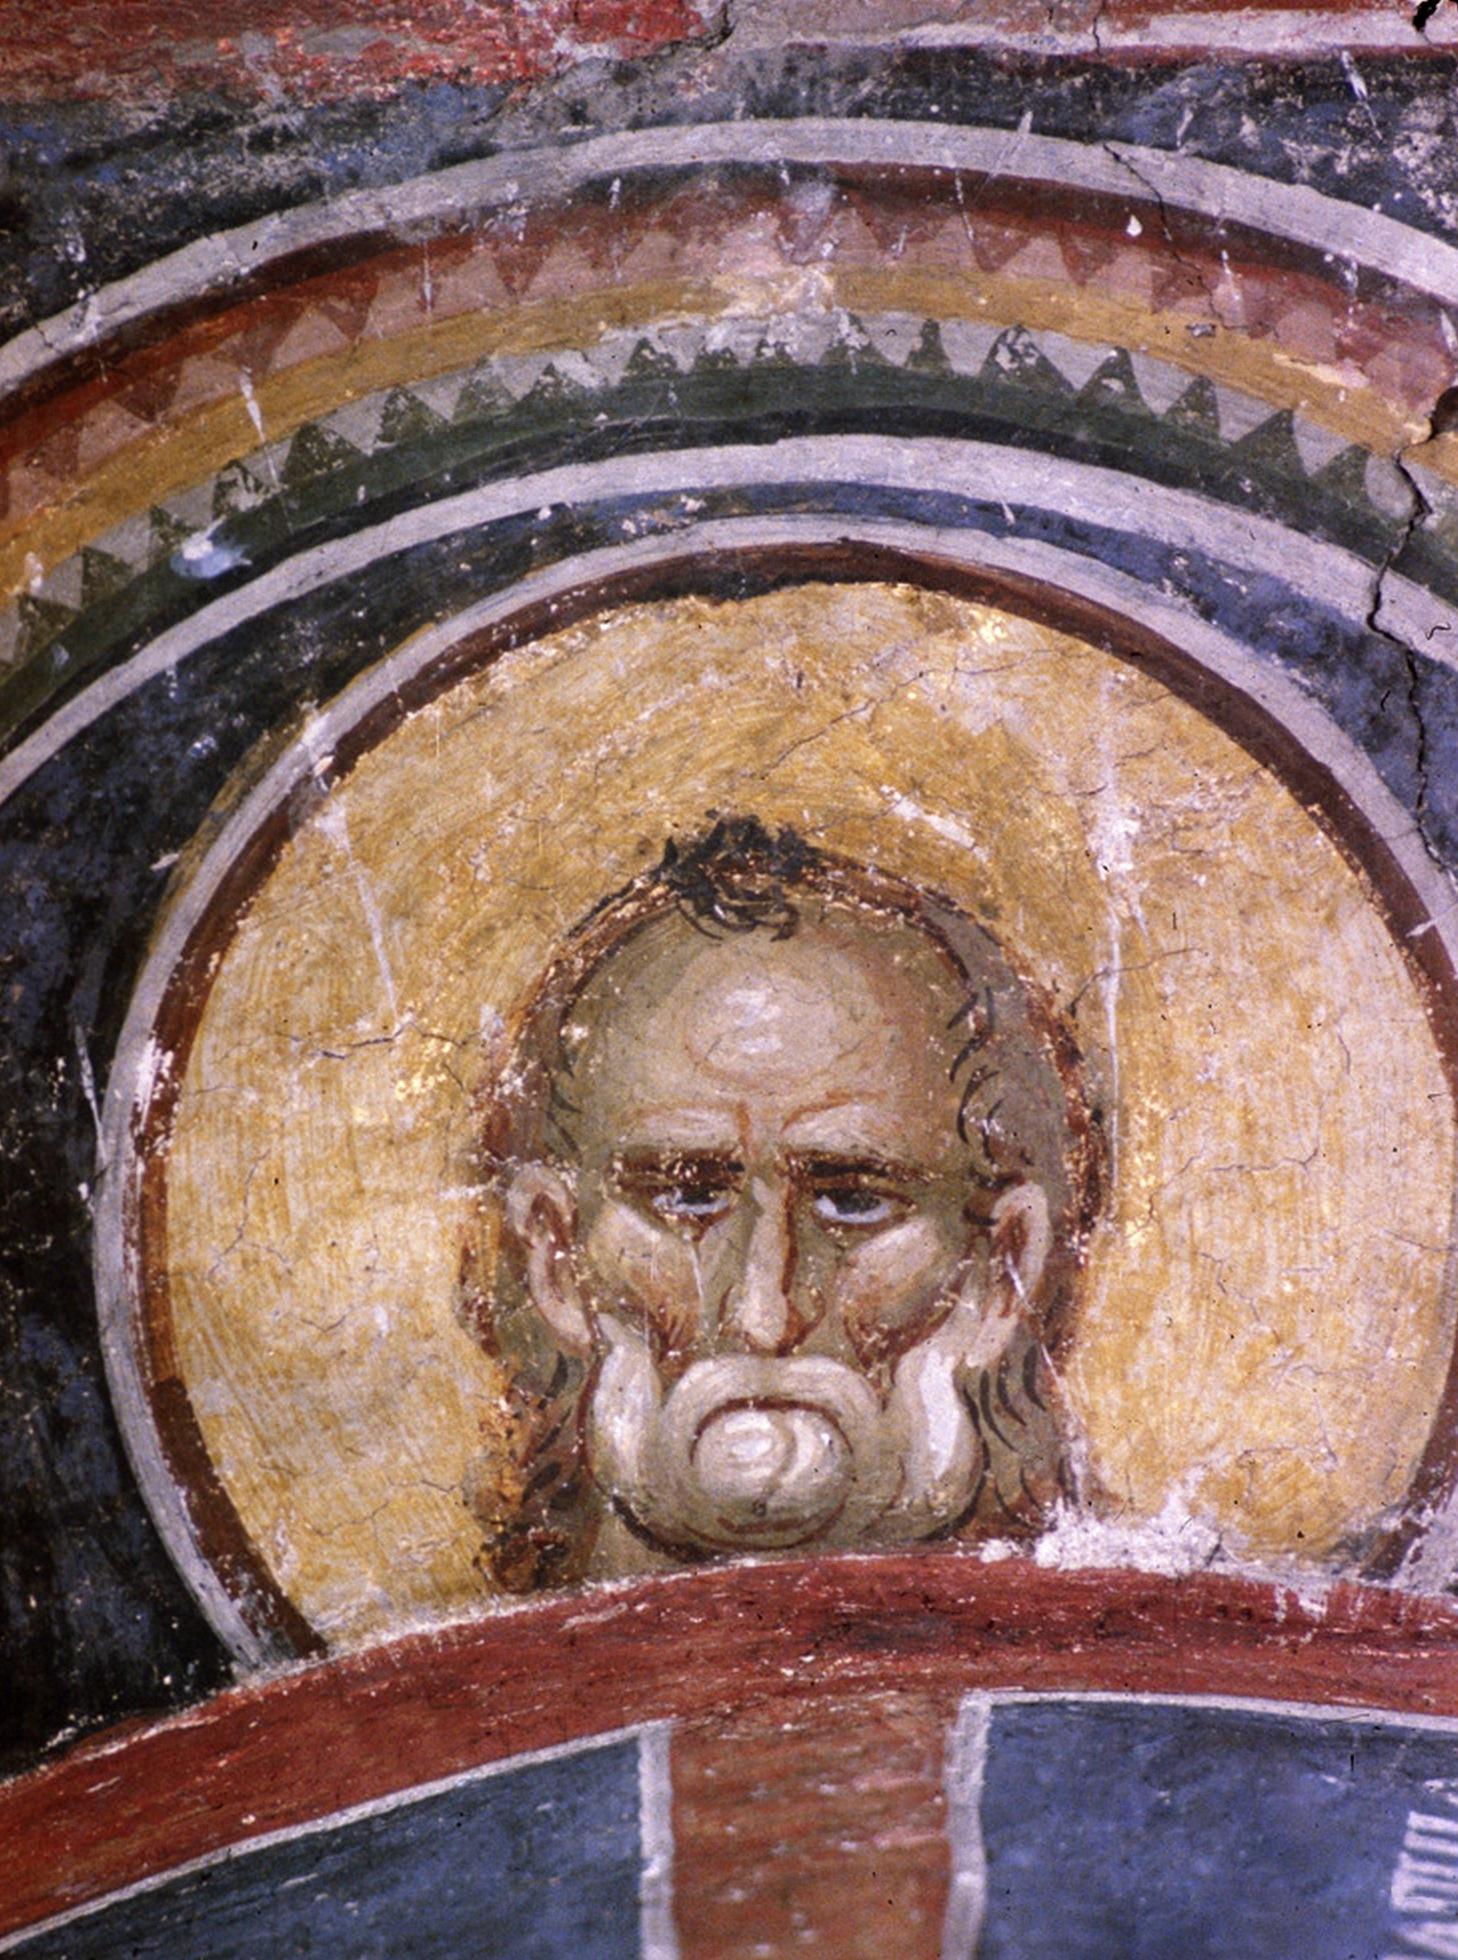 Святой. Фреска монастыря Раваница, Сербия. 1380-е годы.